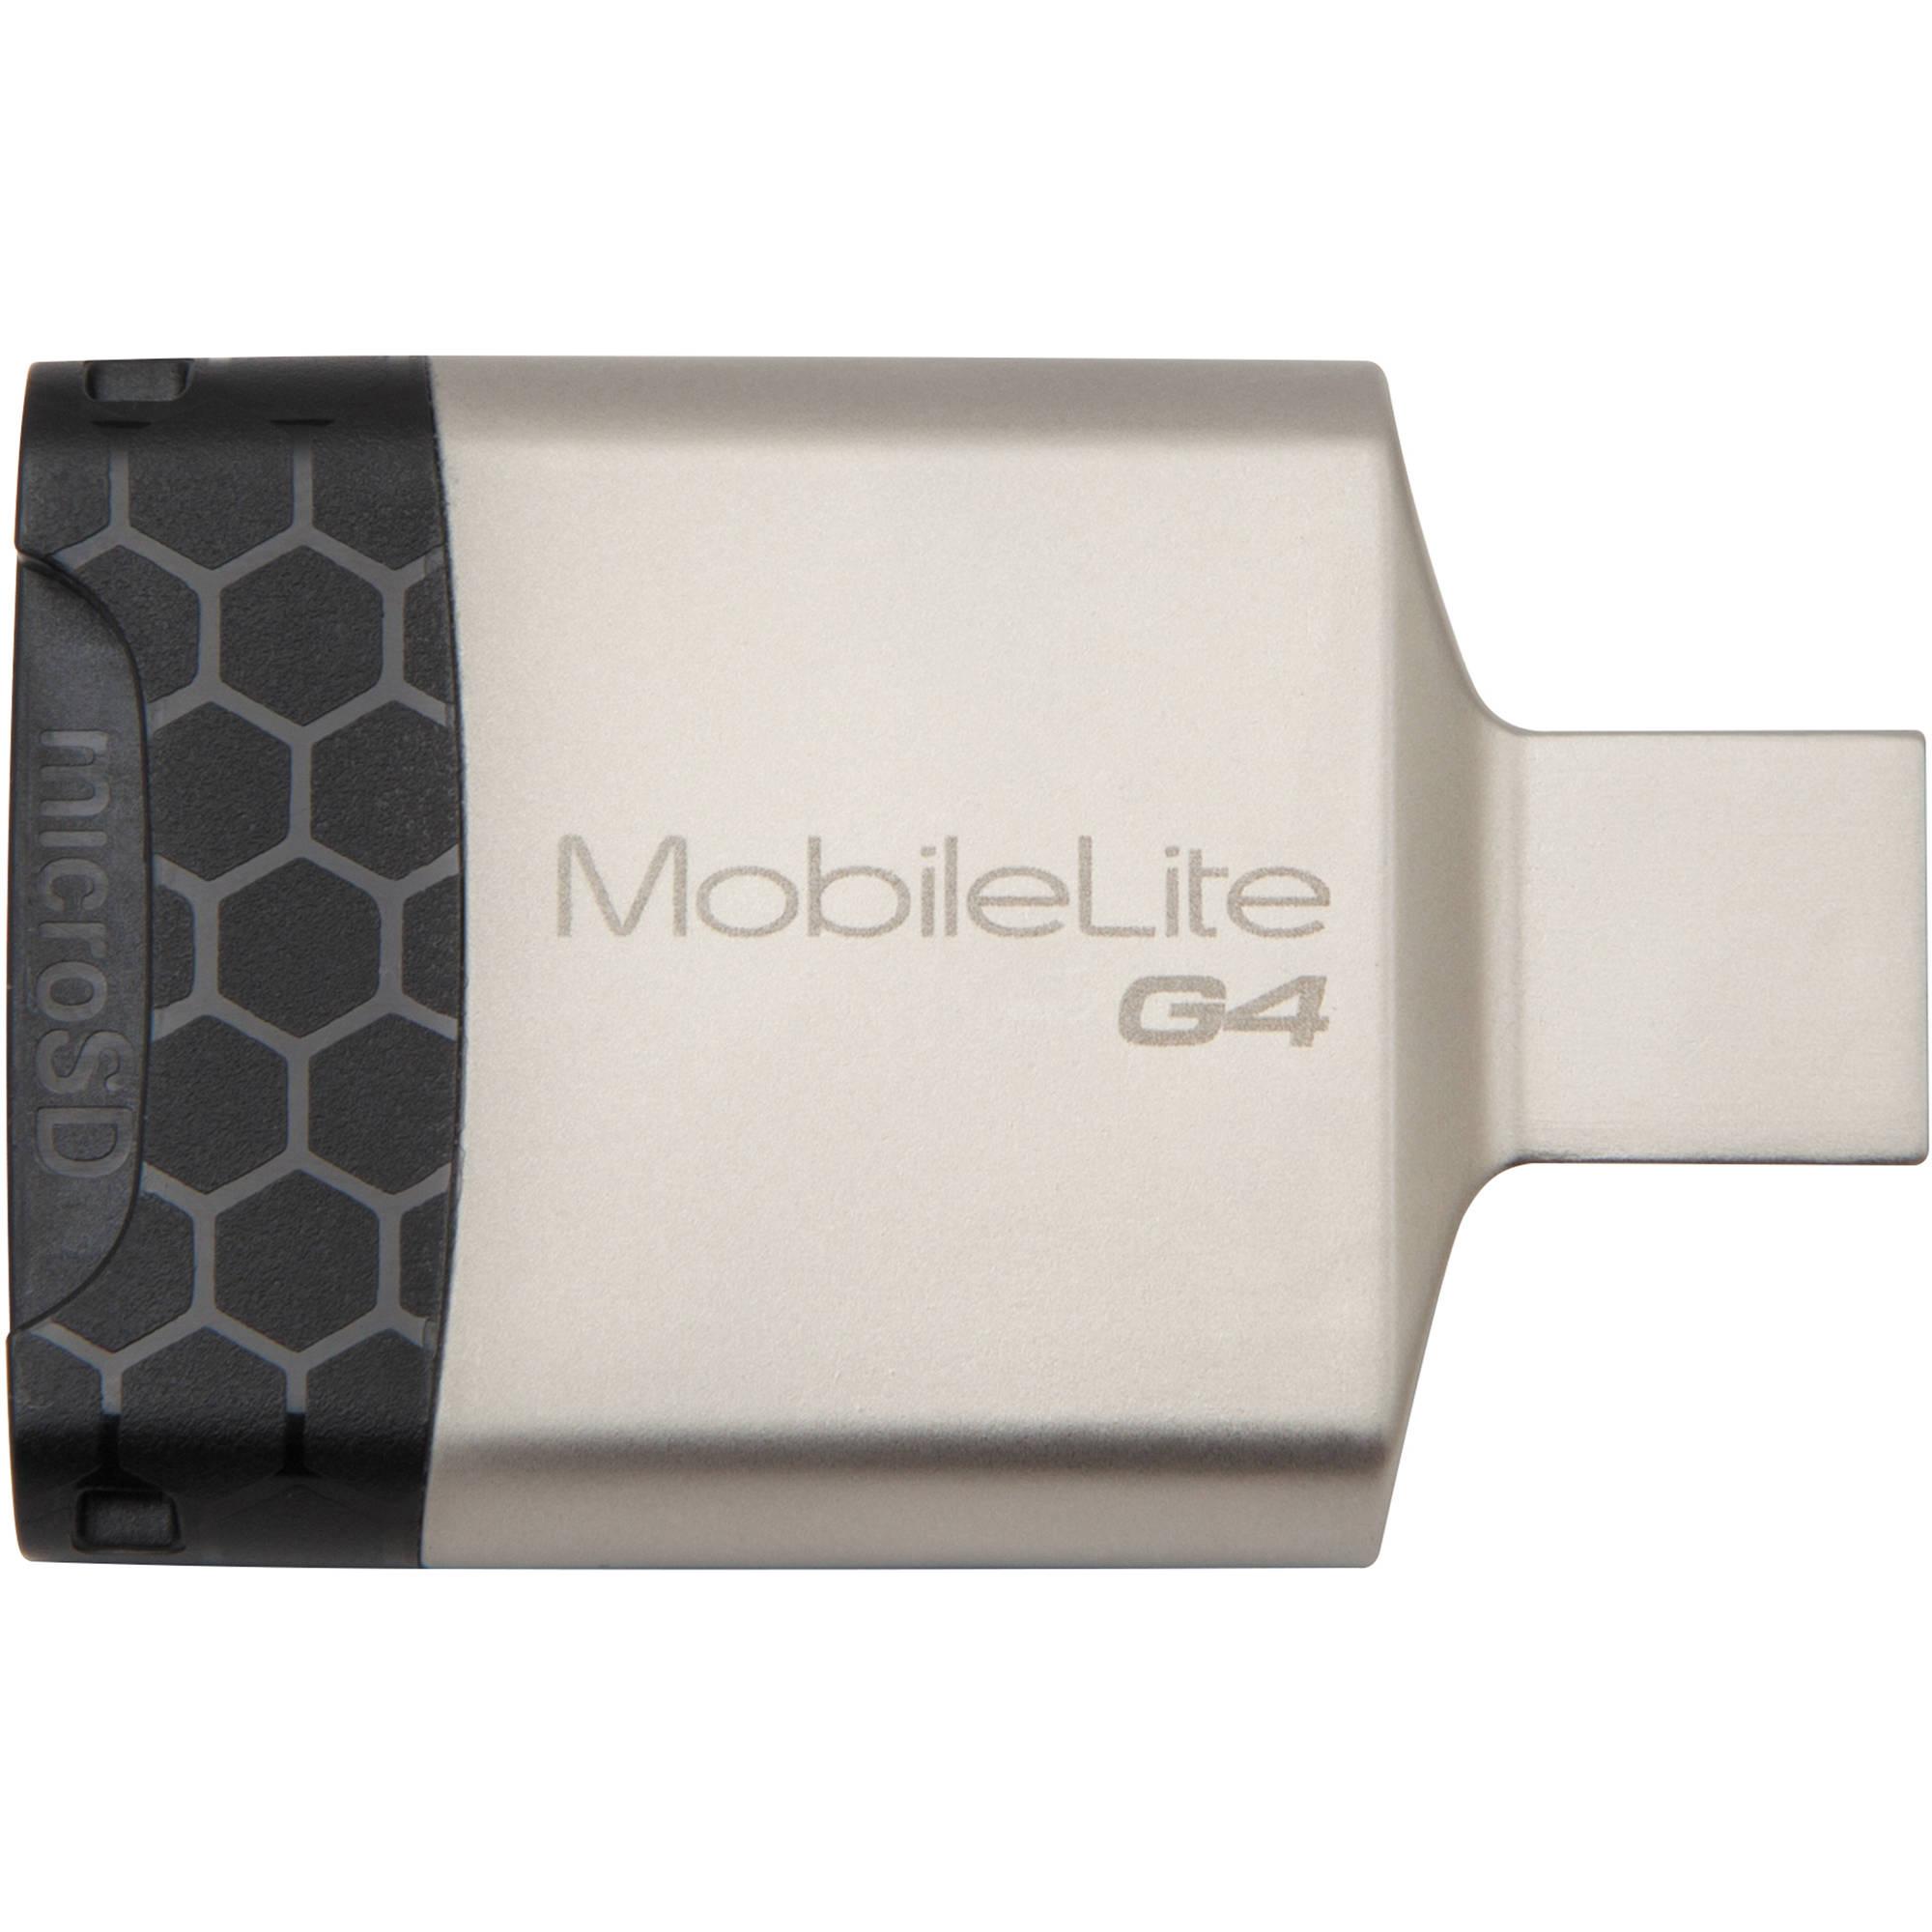 Kingston MobileLite G4 Multi-Function SD / microSD Card Reader